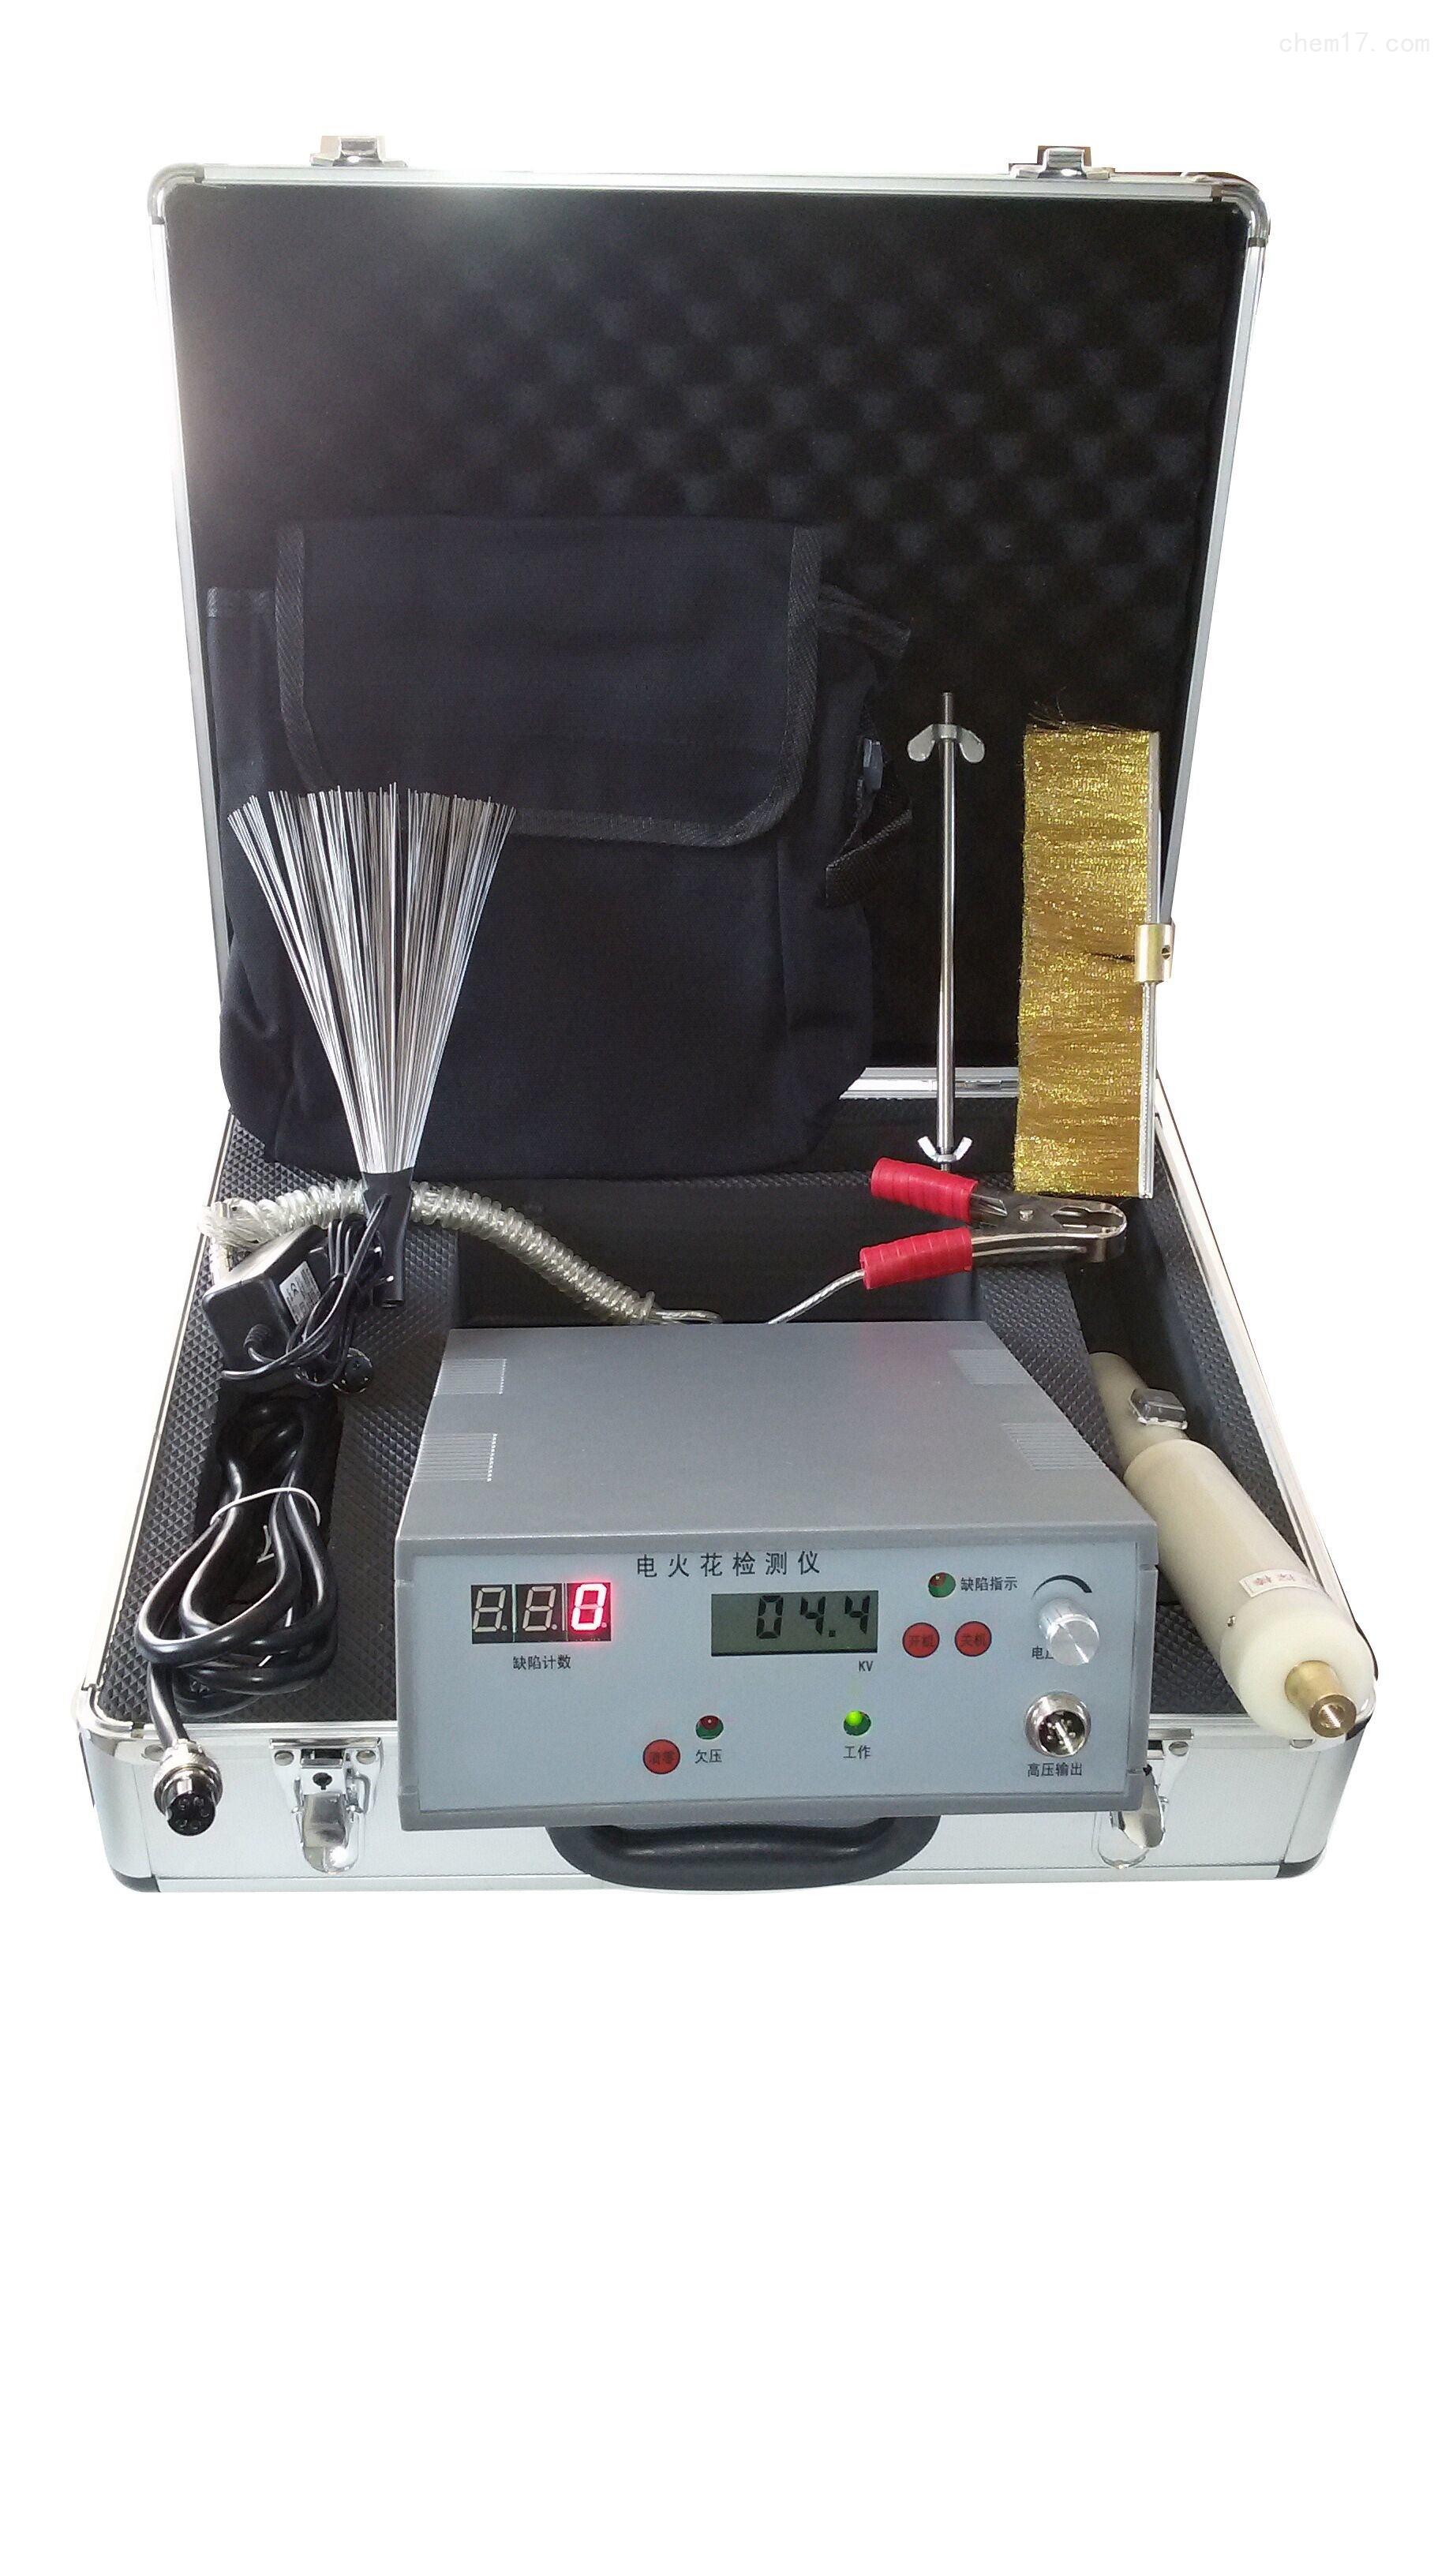 土工膜在线电火花检漏仪